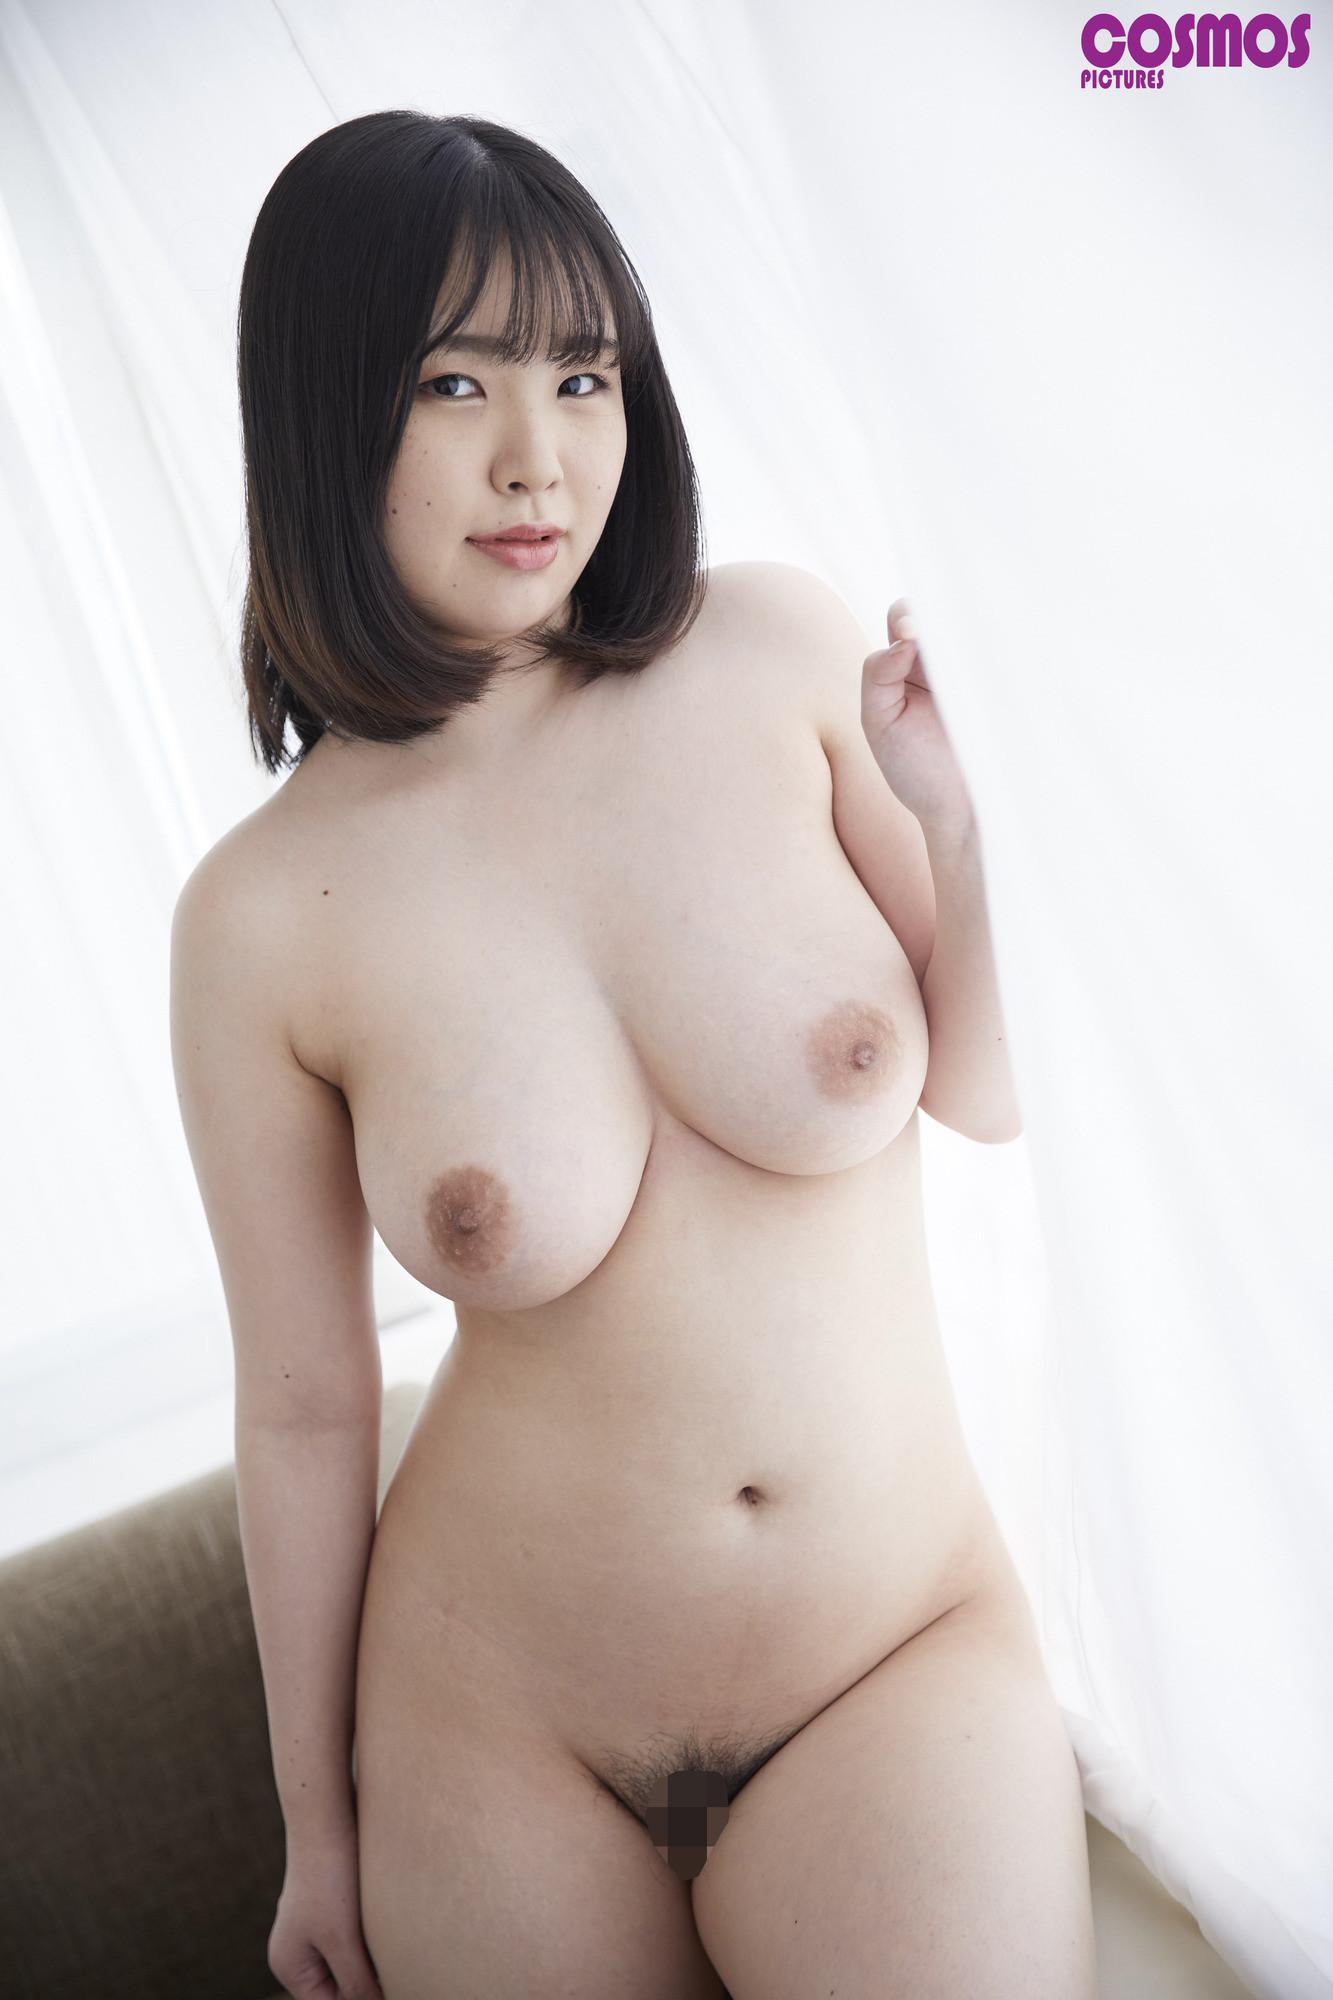 『何度も膣でイってみたい』身体が浮くほどの巨根パワーピストンで白目イキ!! ももかさん23歳Hカップ 画像1